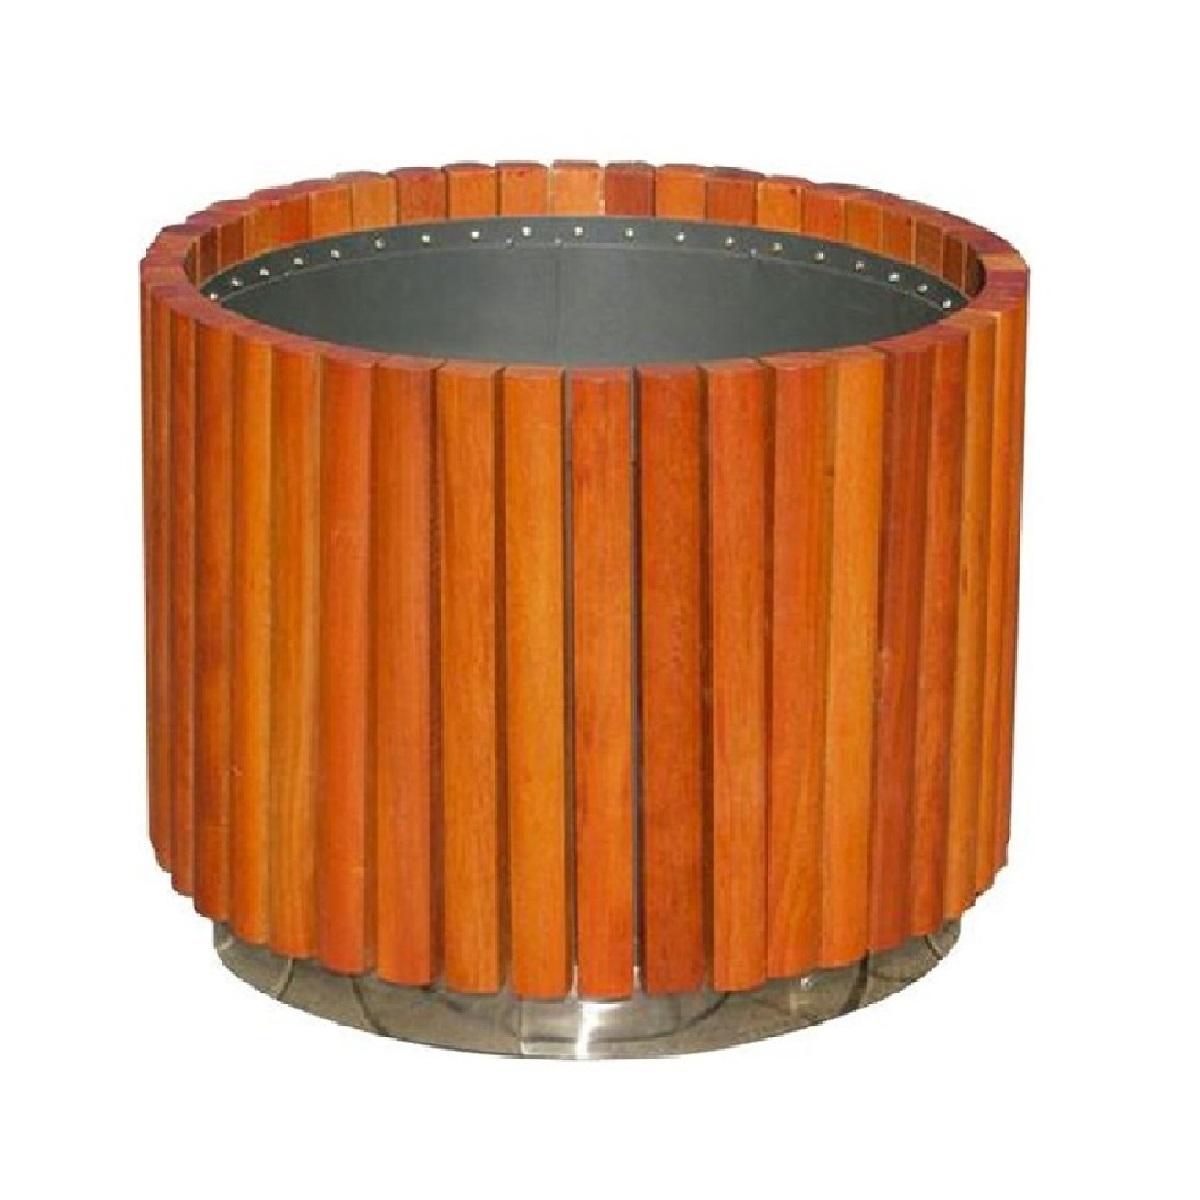 Jardinière circulaire avec des panneaux en bois newport J-9